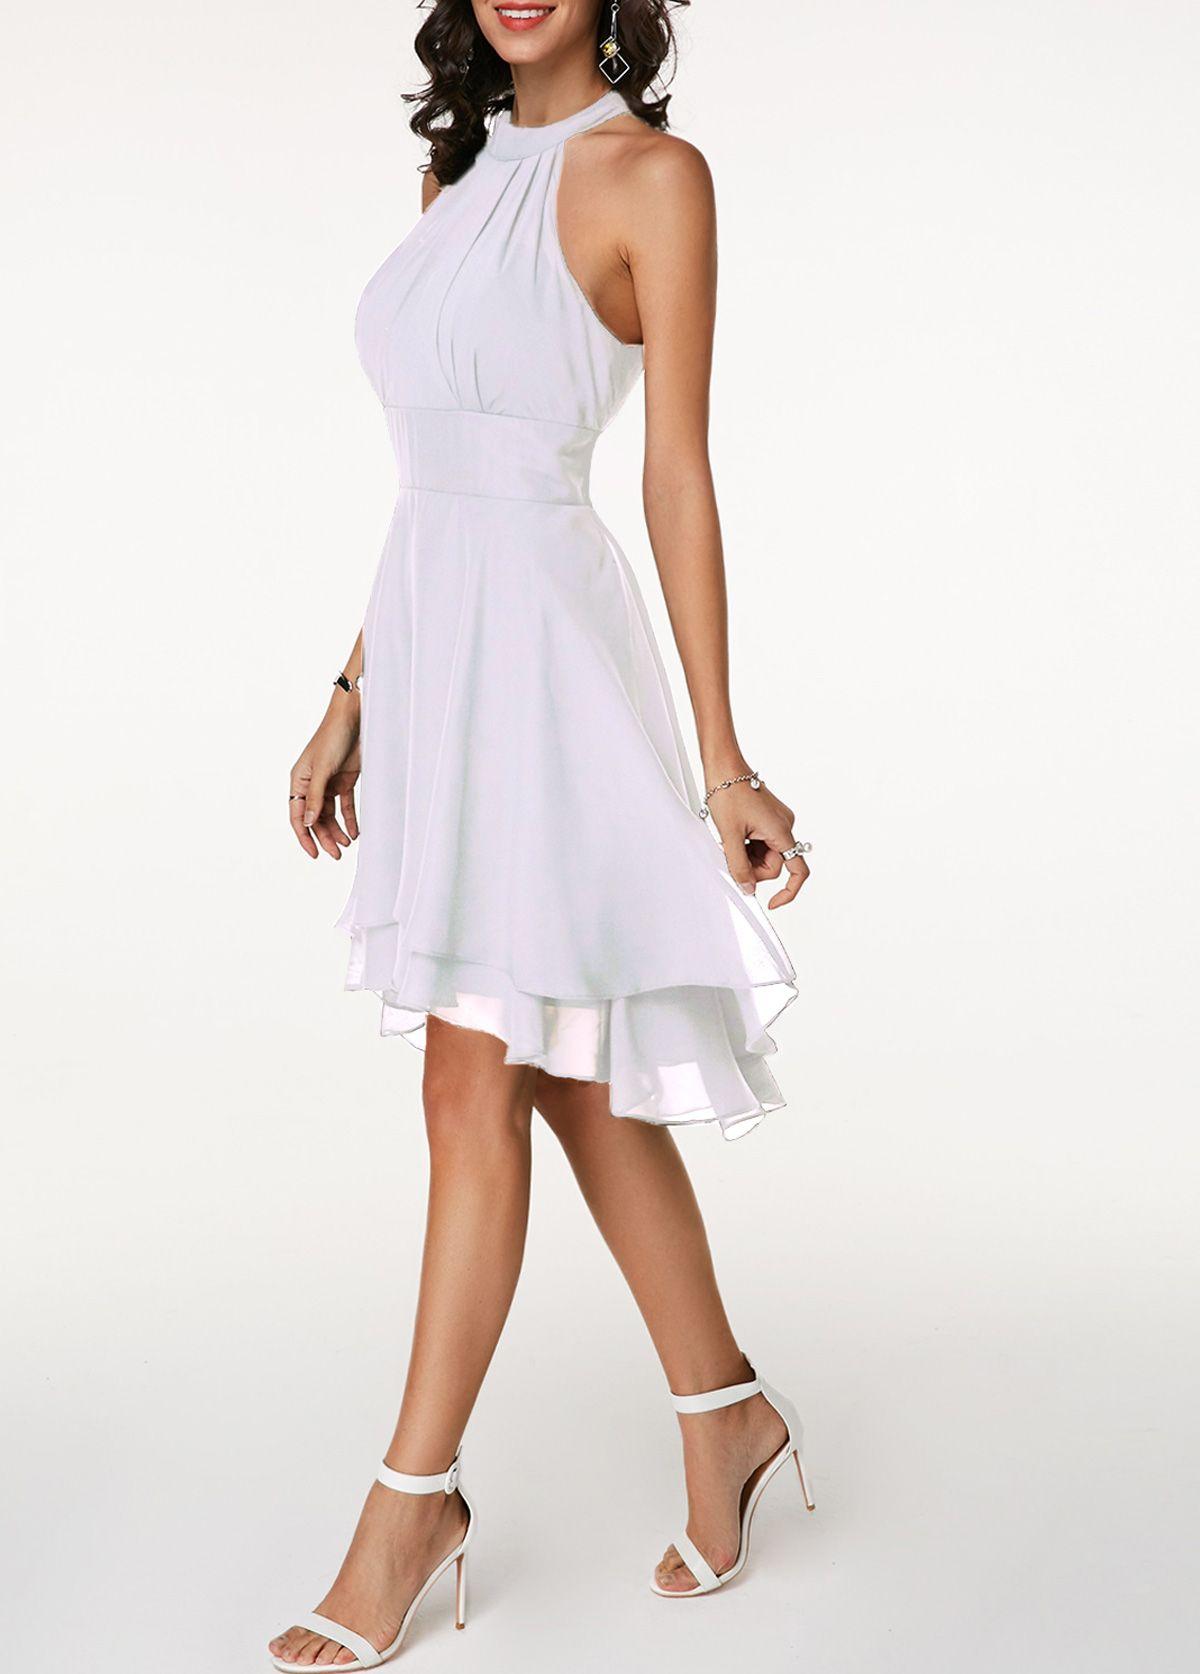 High Waist Sleeveless Asymmetric Hem White Dress Rotita Com Usd 31 65 Sleeveless Chiffon Dress White Mini Dress White Fringe Dress